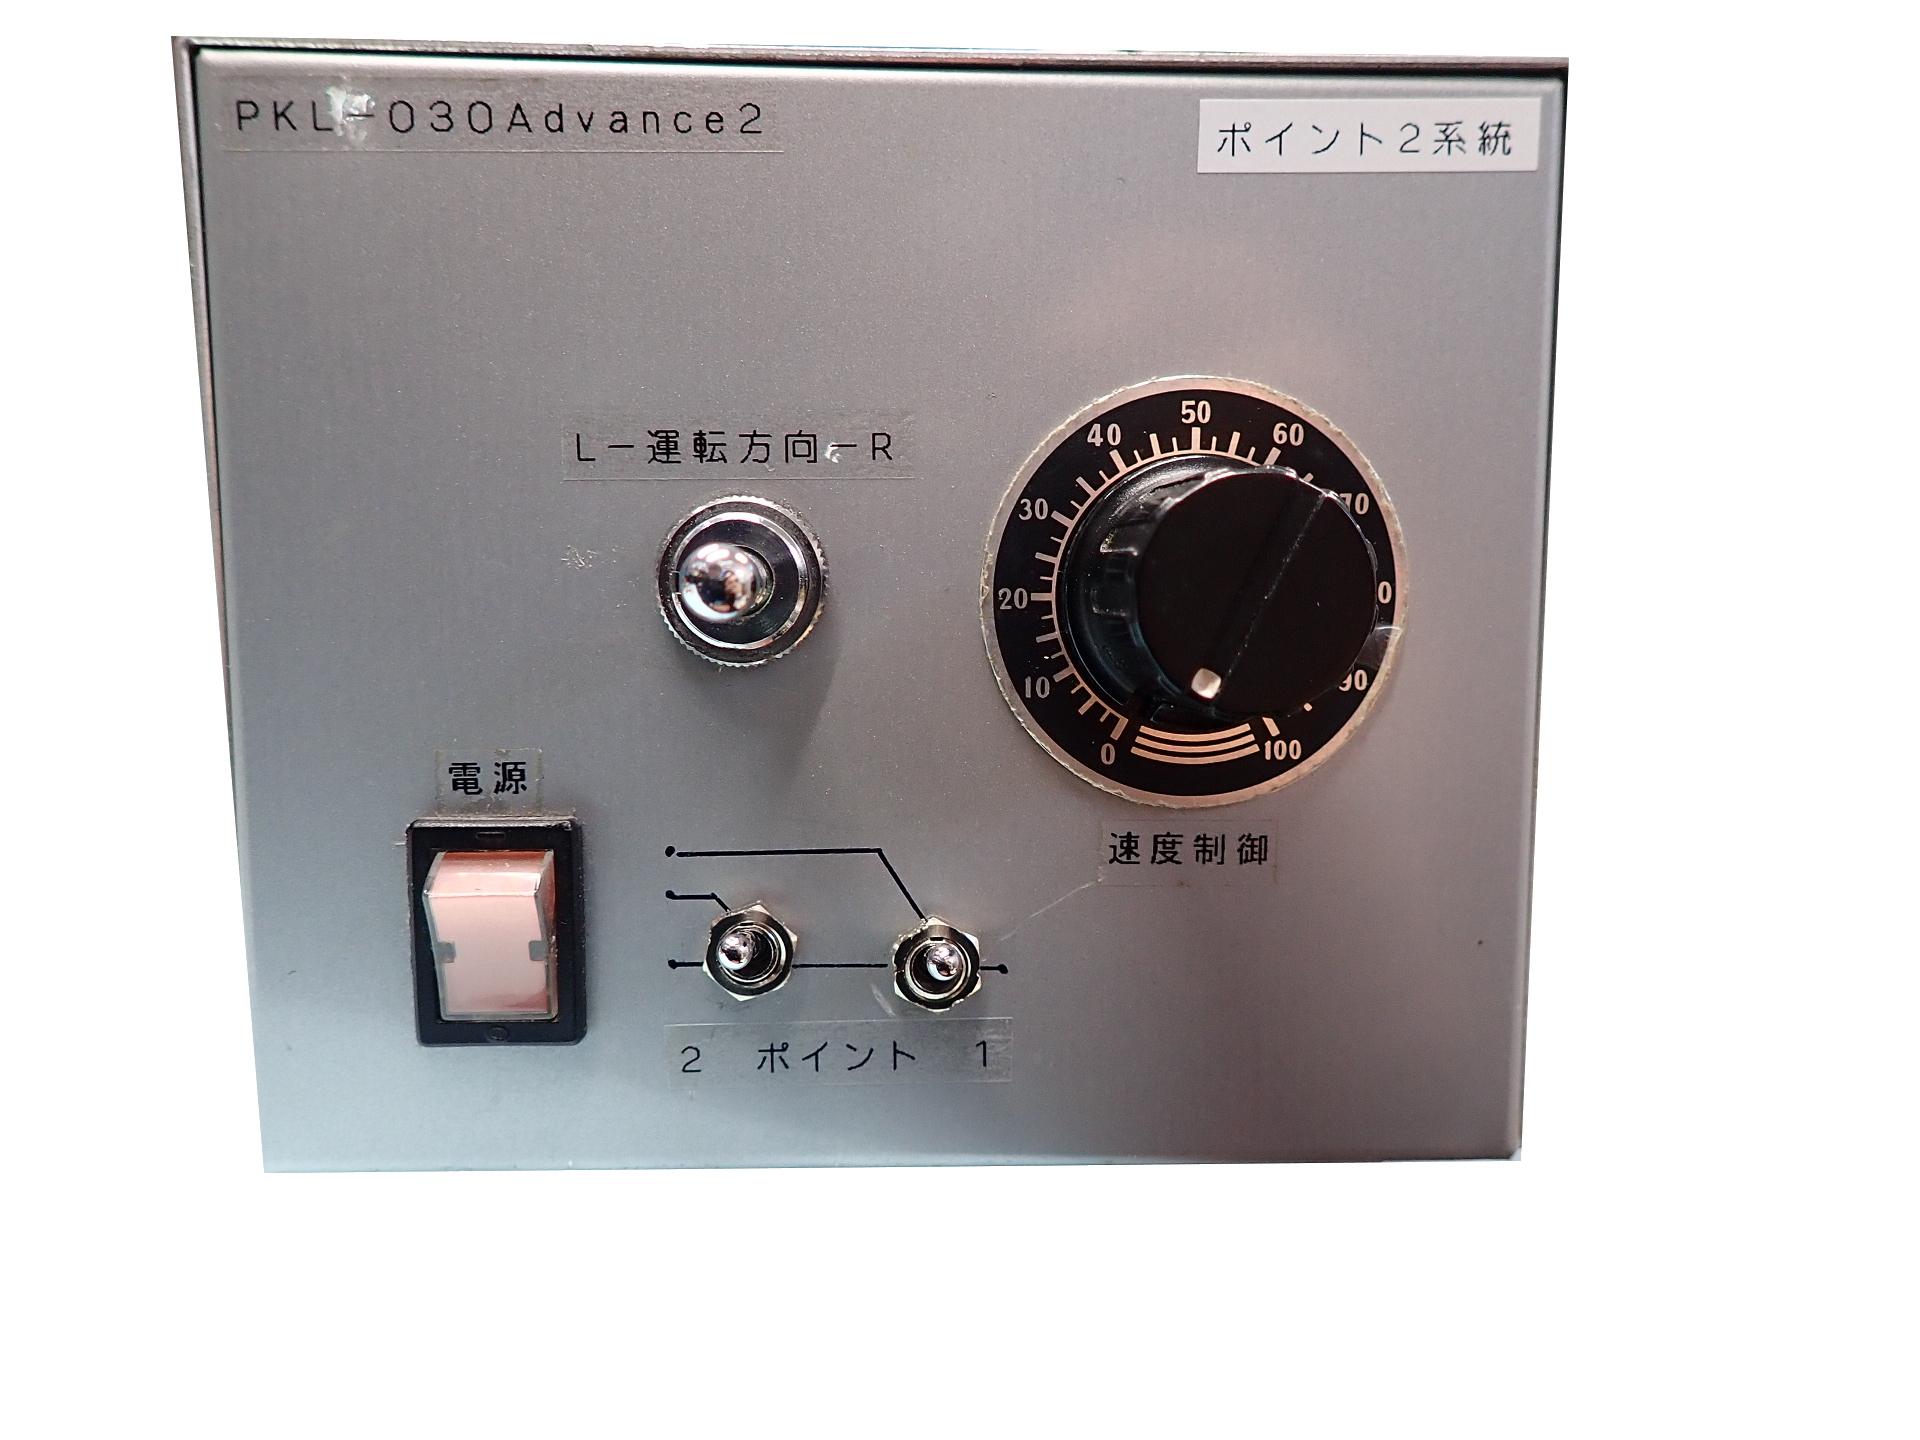 ポイントスイッチを2つ設置したアドバンス2仕様です。